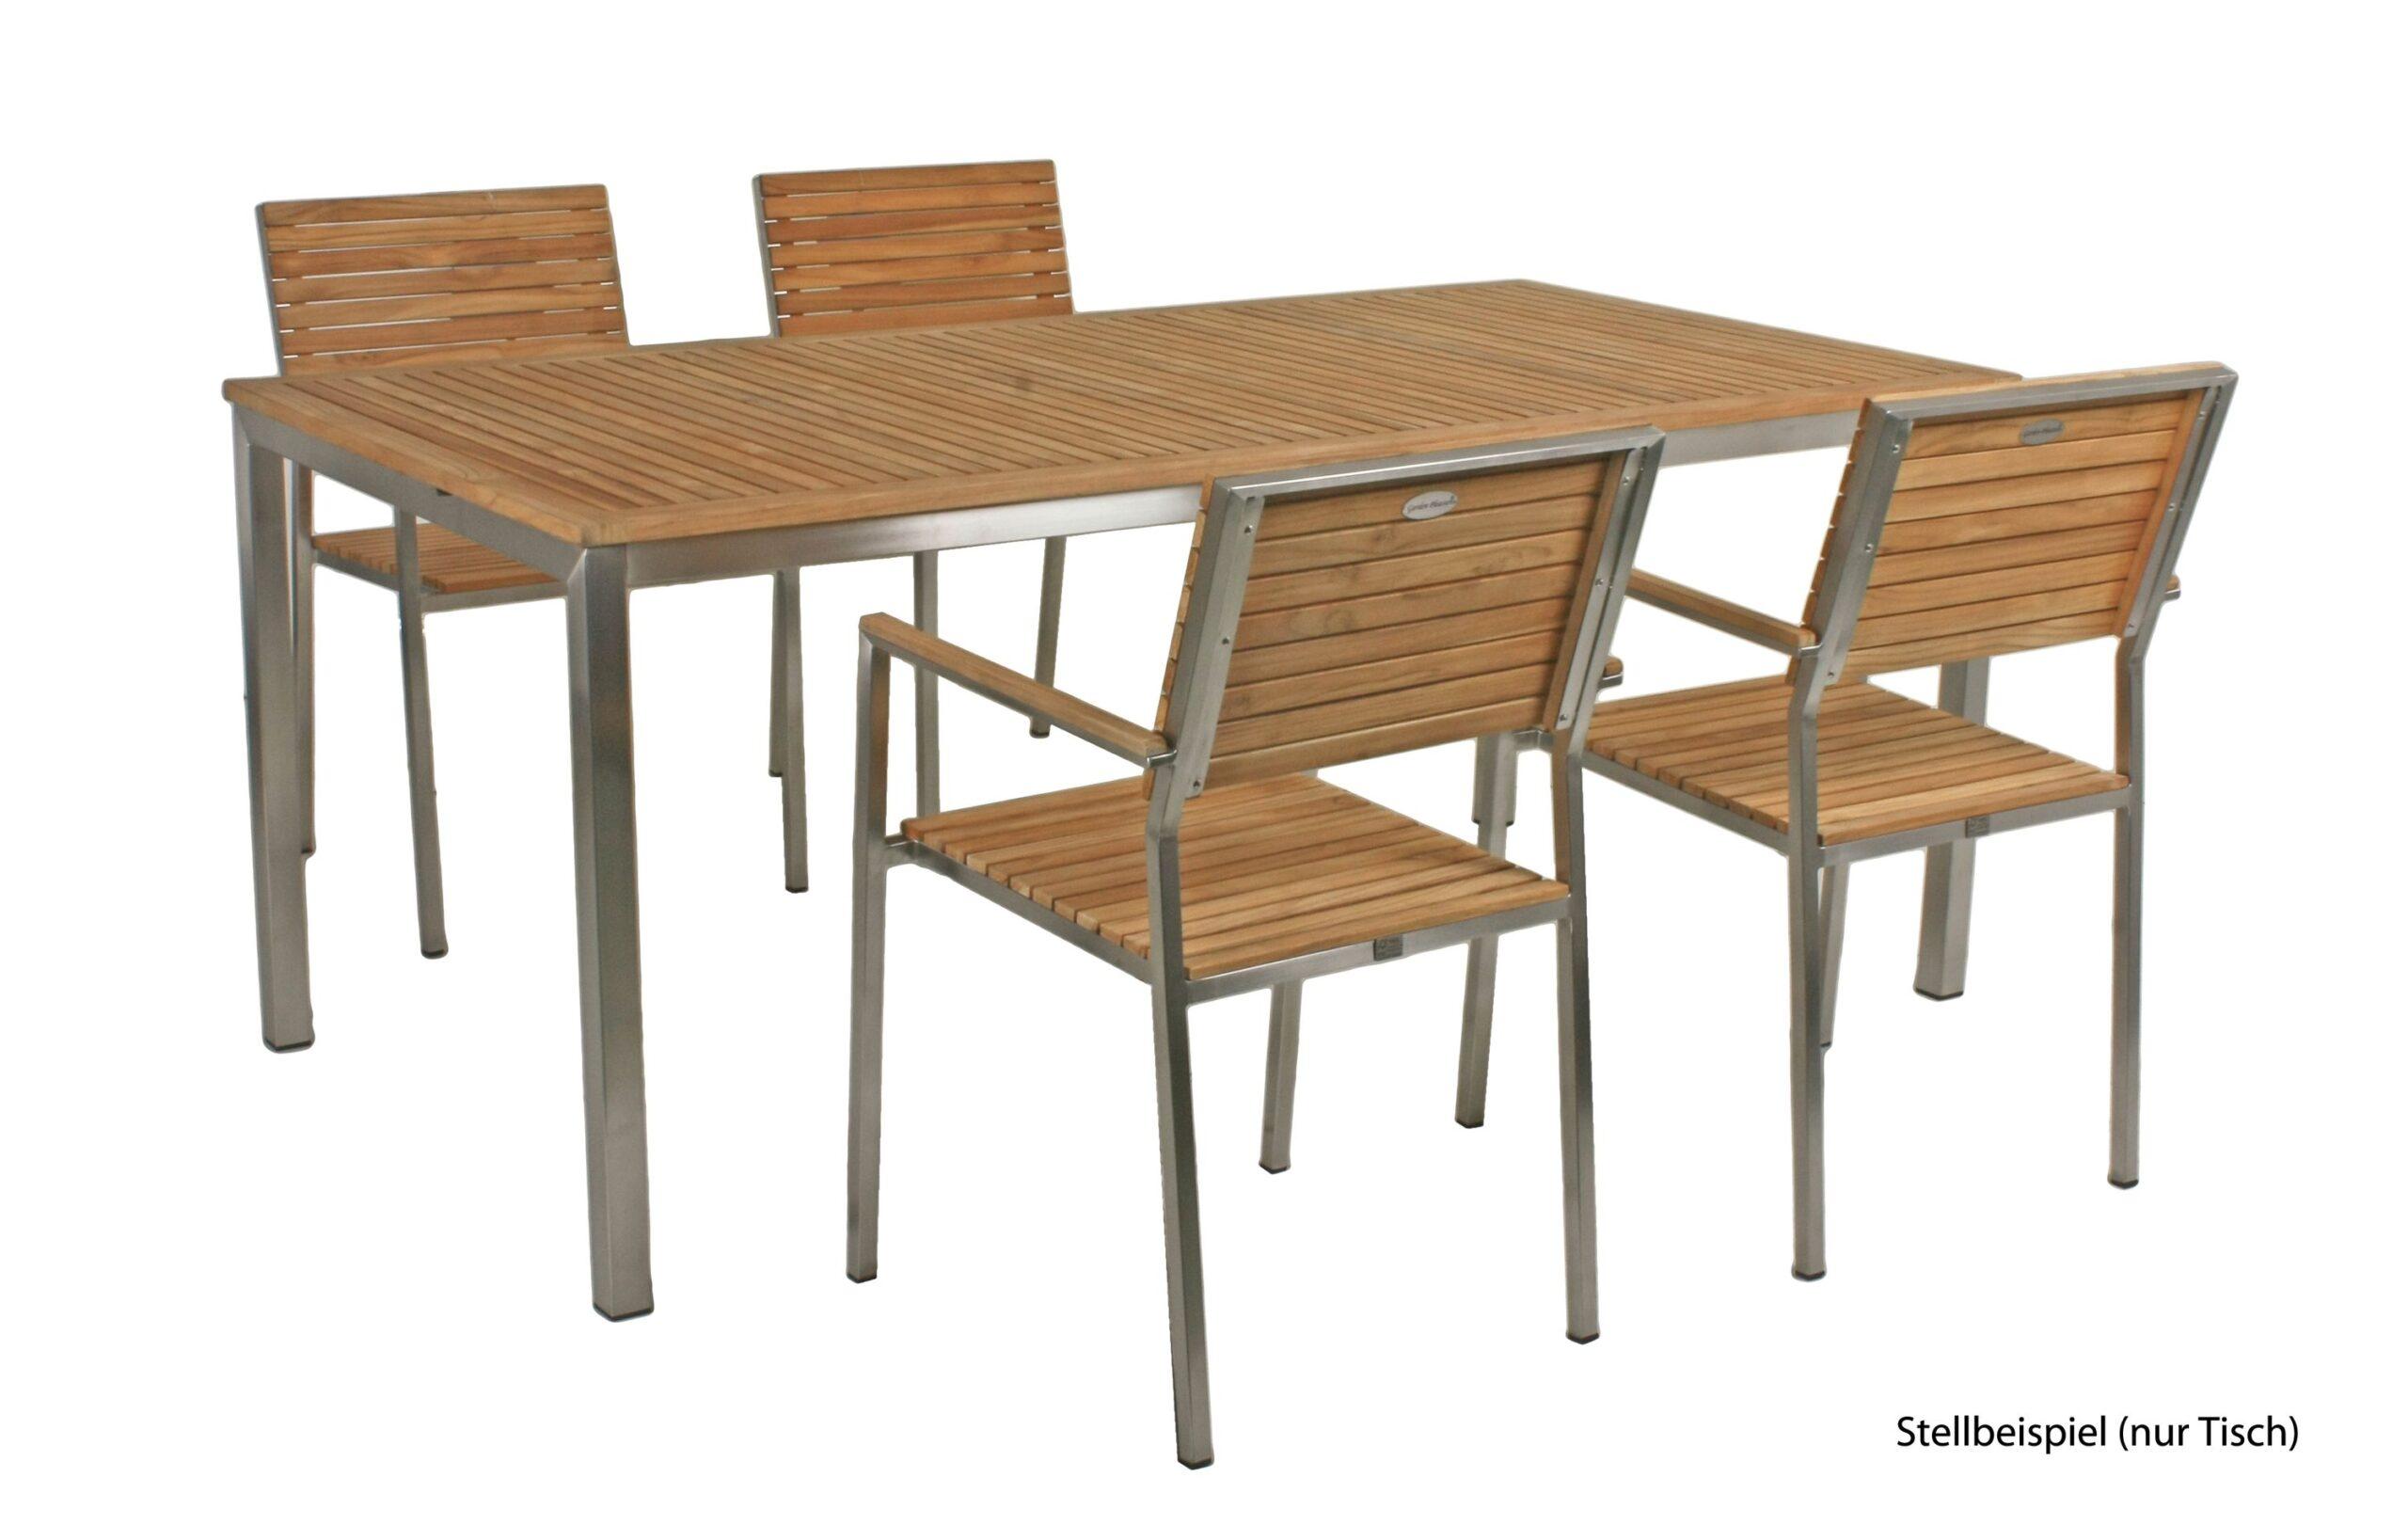 Full Size of Garten Holztisch Teak Tisch 180cm Gartentisch Holz Edelstahl Zaun Lounge Möbel Kinderspielhaus Fussballtor Wasserbrunnen überdachung Schwimmbecken Schaukel Wohnzimmer Garten Holztisch